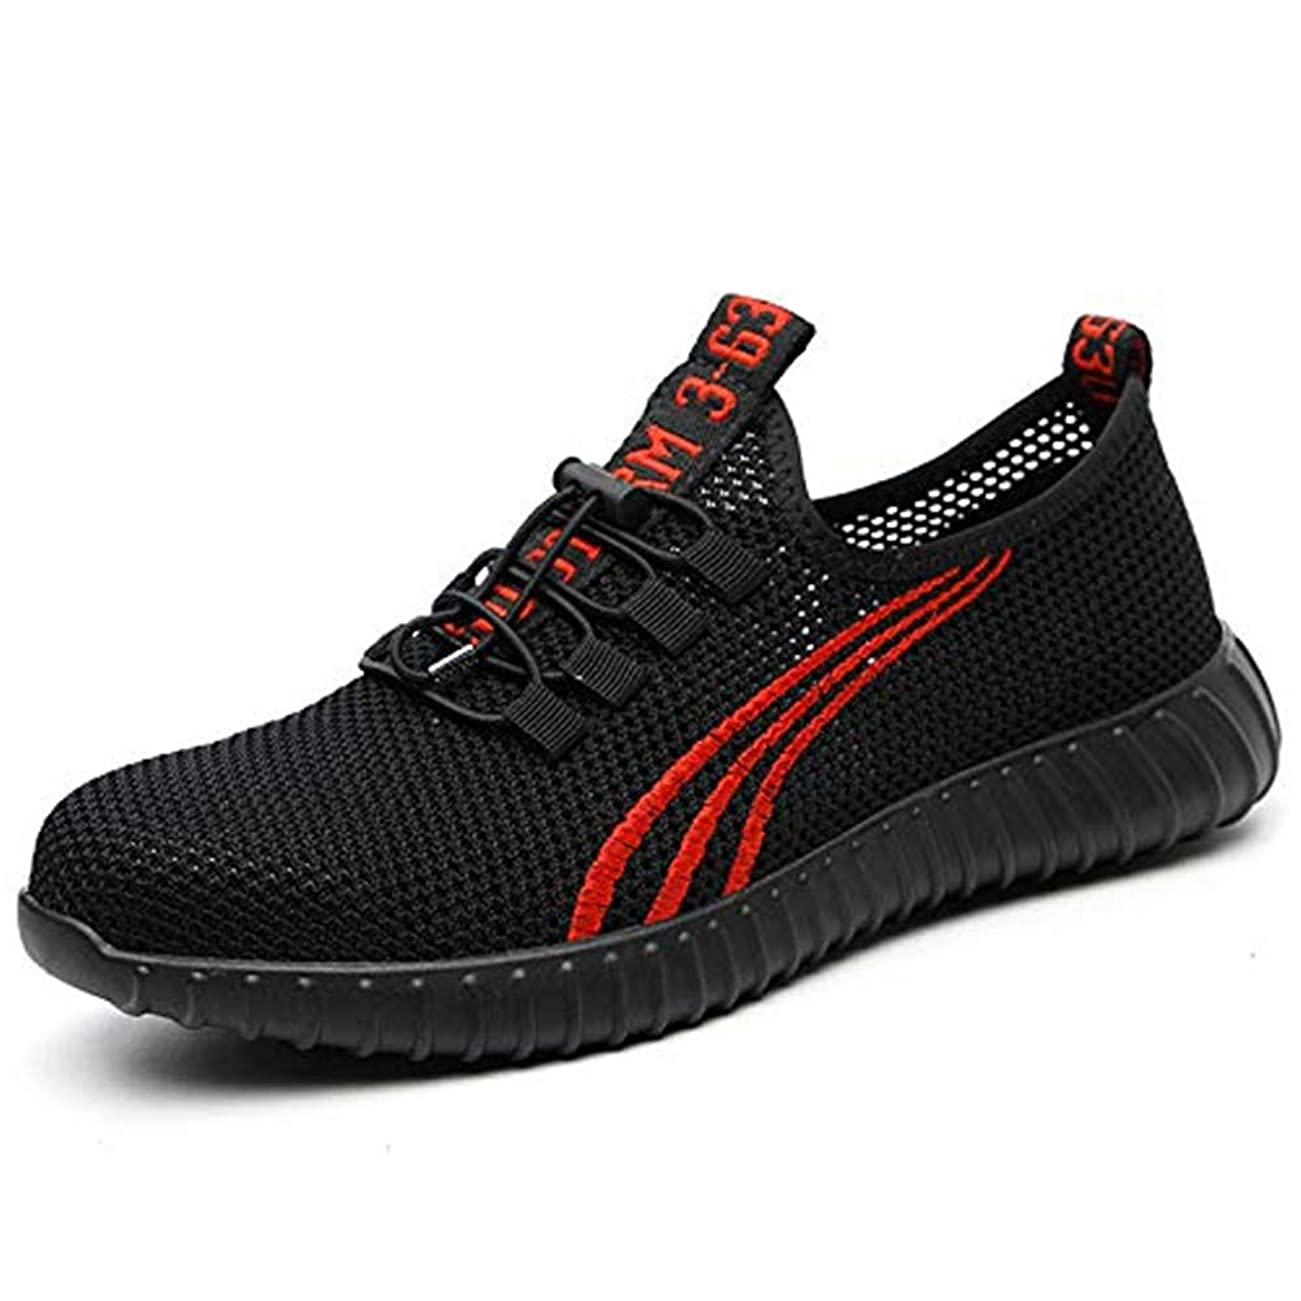 裕福な処理するペン[ブルーポメロ] 安全靴 作業靴 サンダルタイプ スニーカー メンズ メッシュ 超通気 鋼先芯 ケブラー繊維ミッドソール 軽量 夏場対応 男女兼用